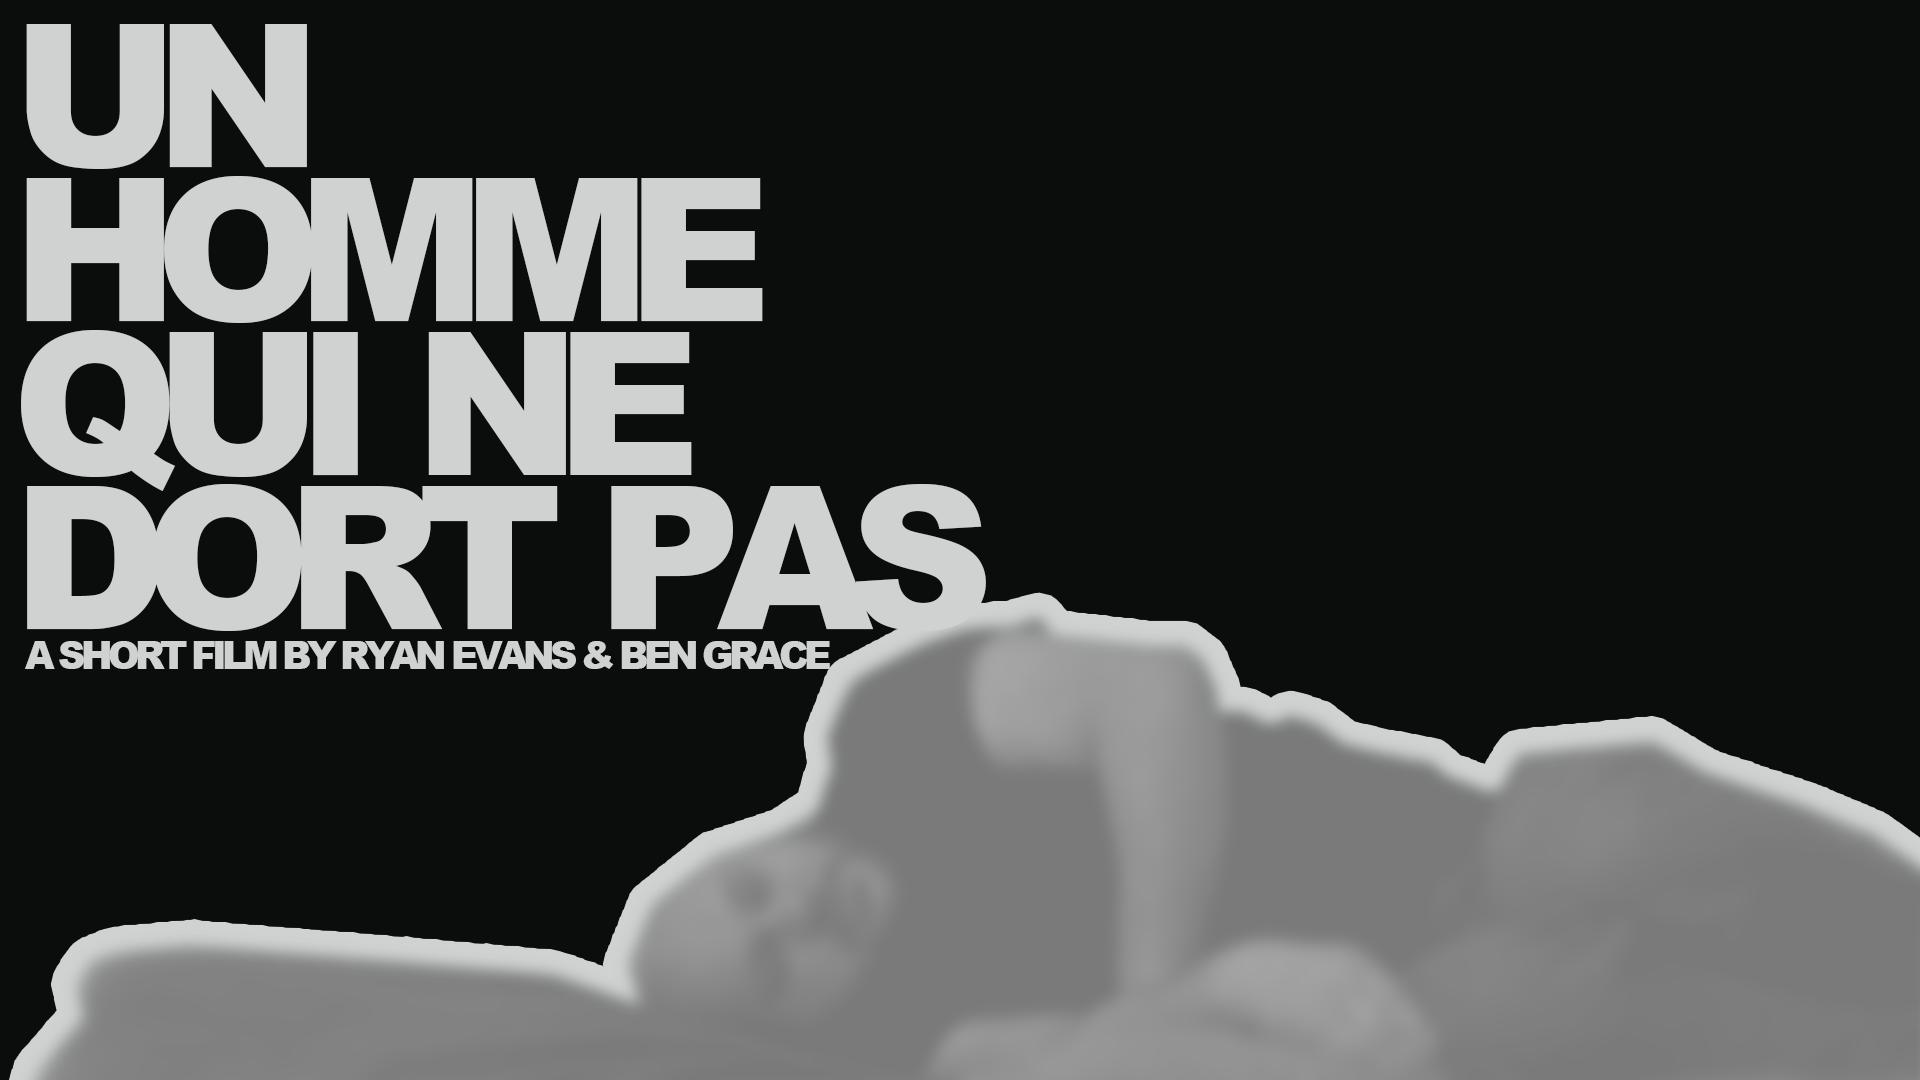 Un Homme Qui Ne Dort Pas | Ben Grace Films